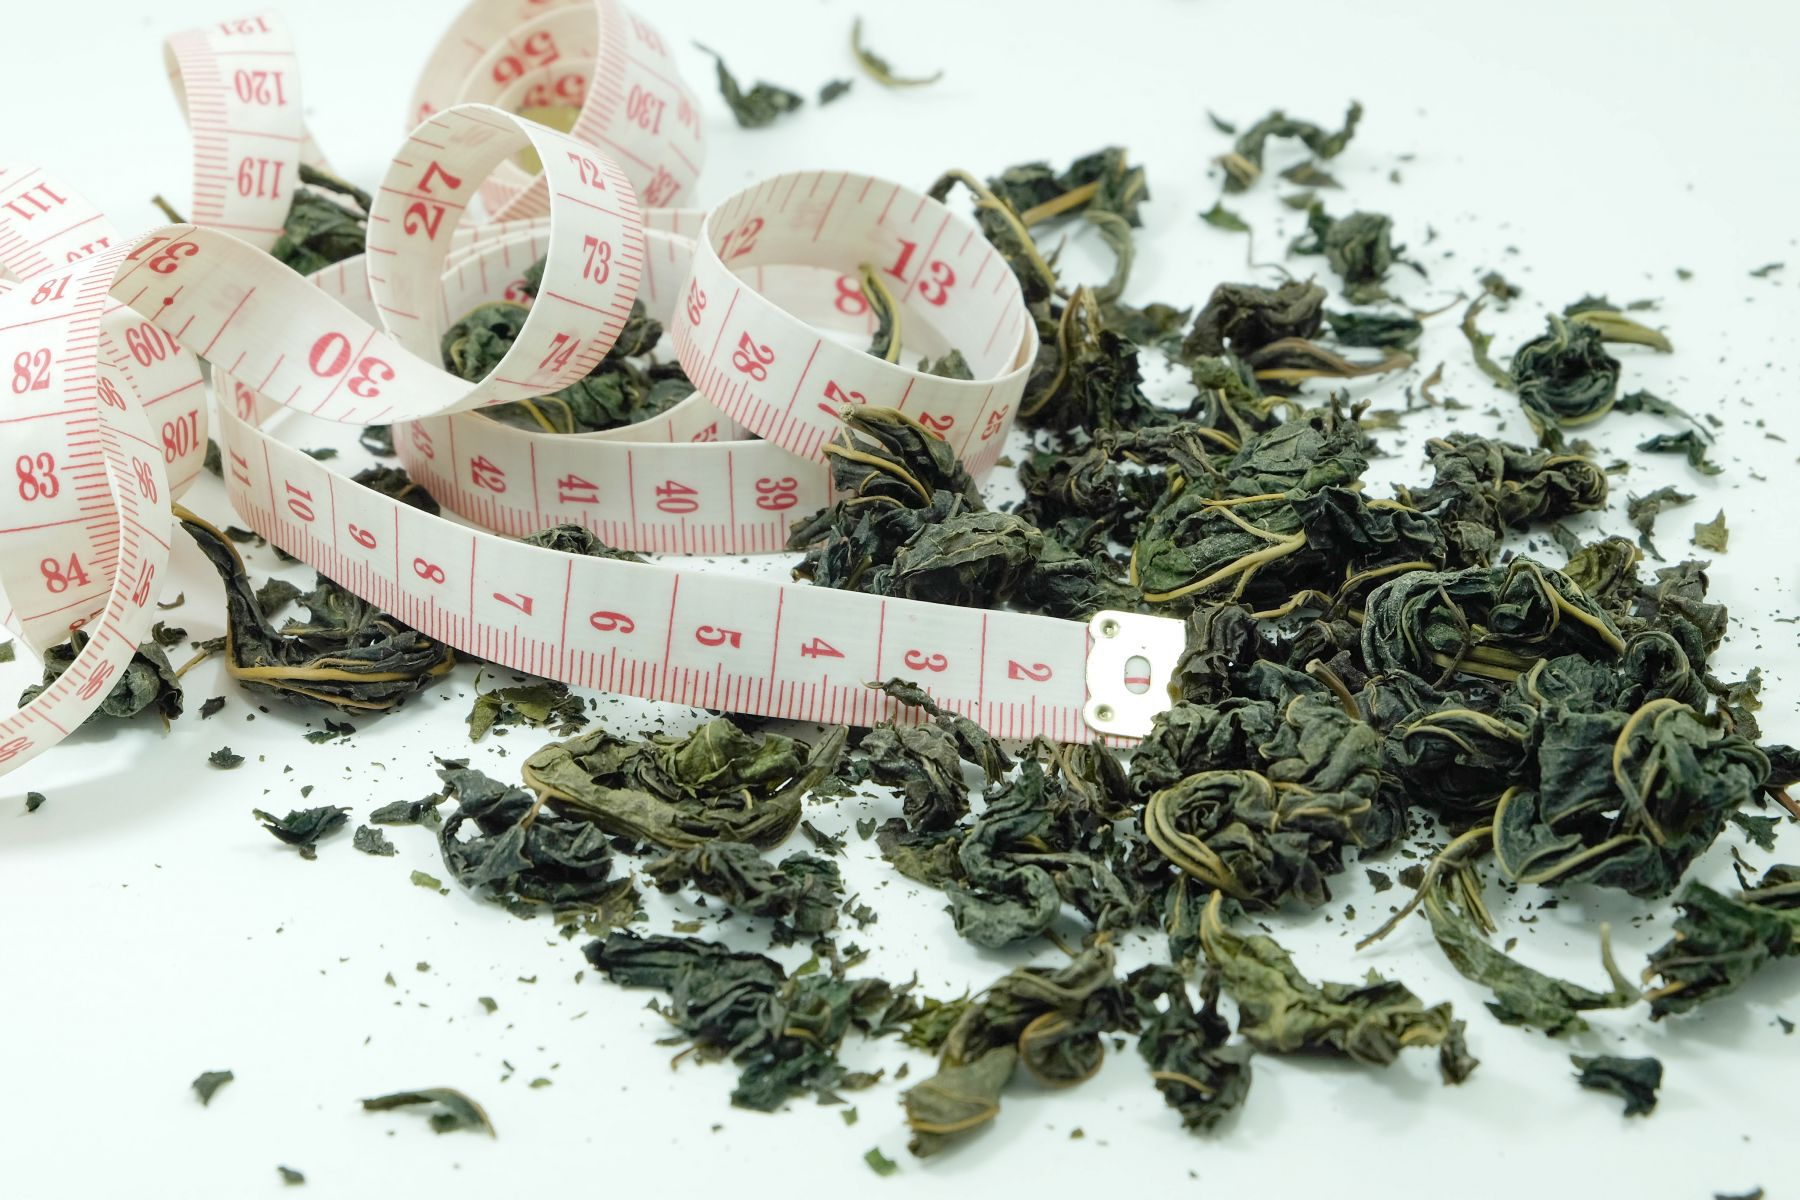 營養師實證!喝這「3種茶」 減脂瘦身最夠力